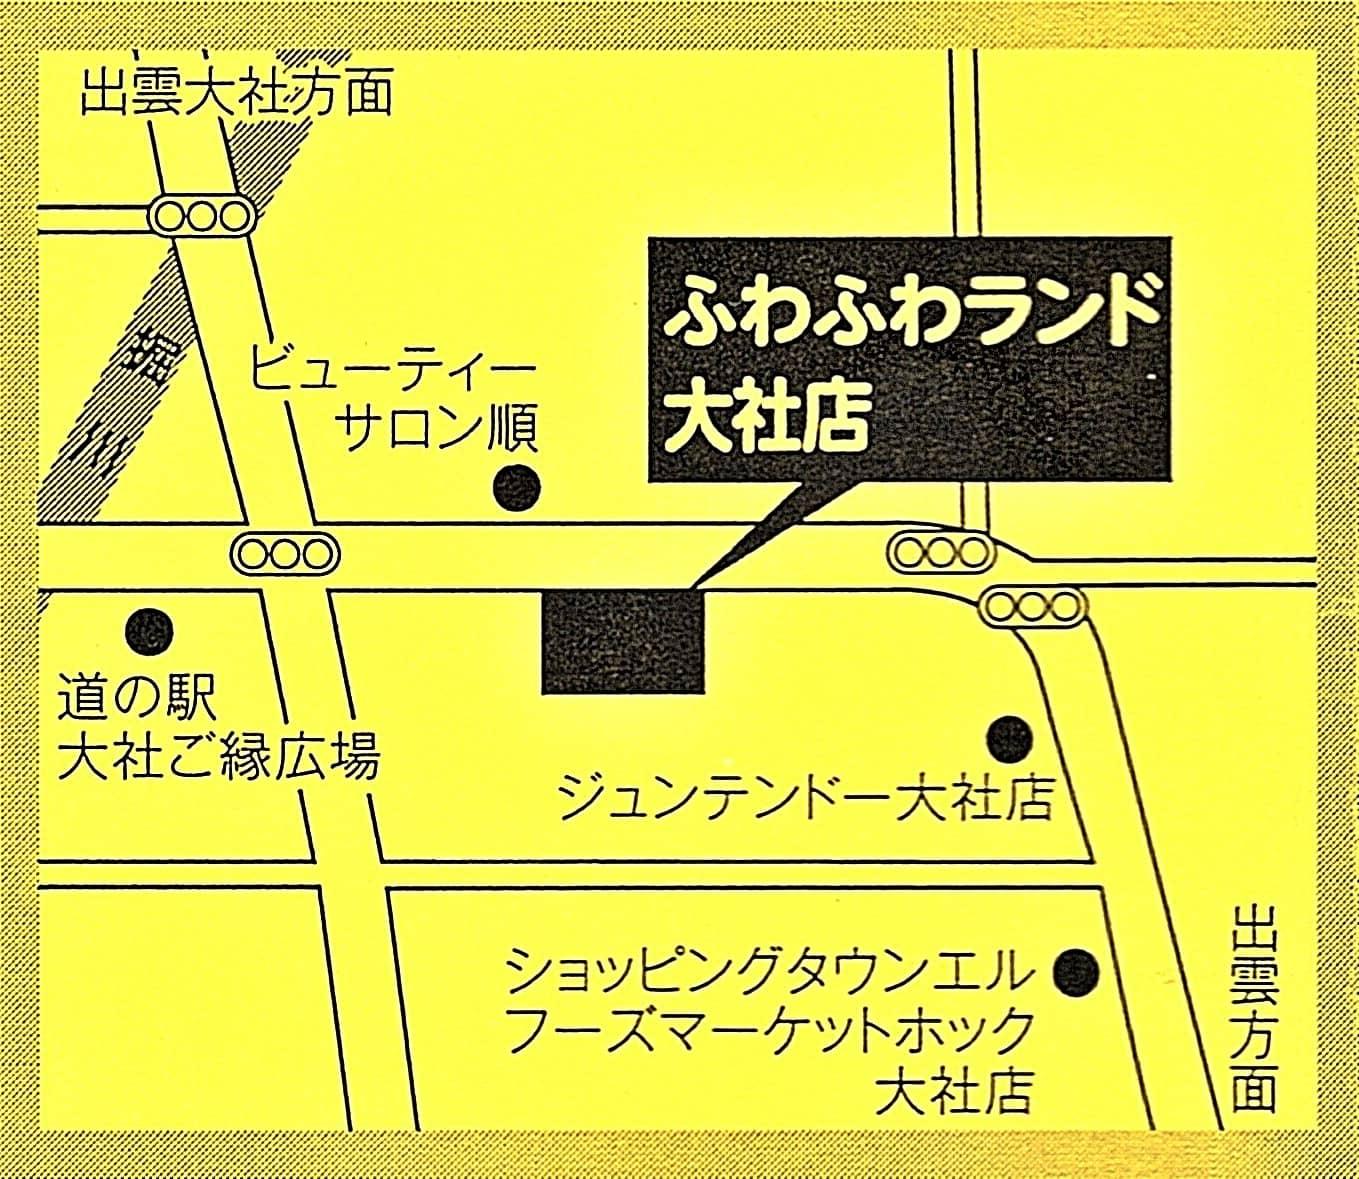 ふわふわランド大社店 地図